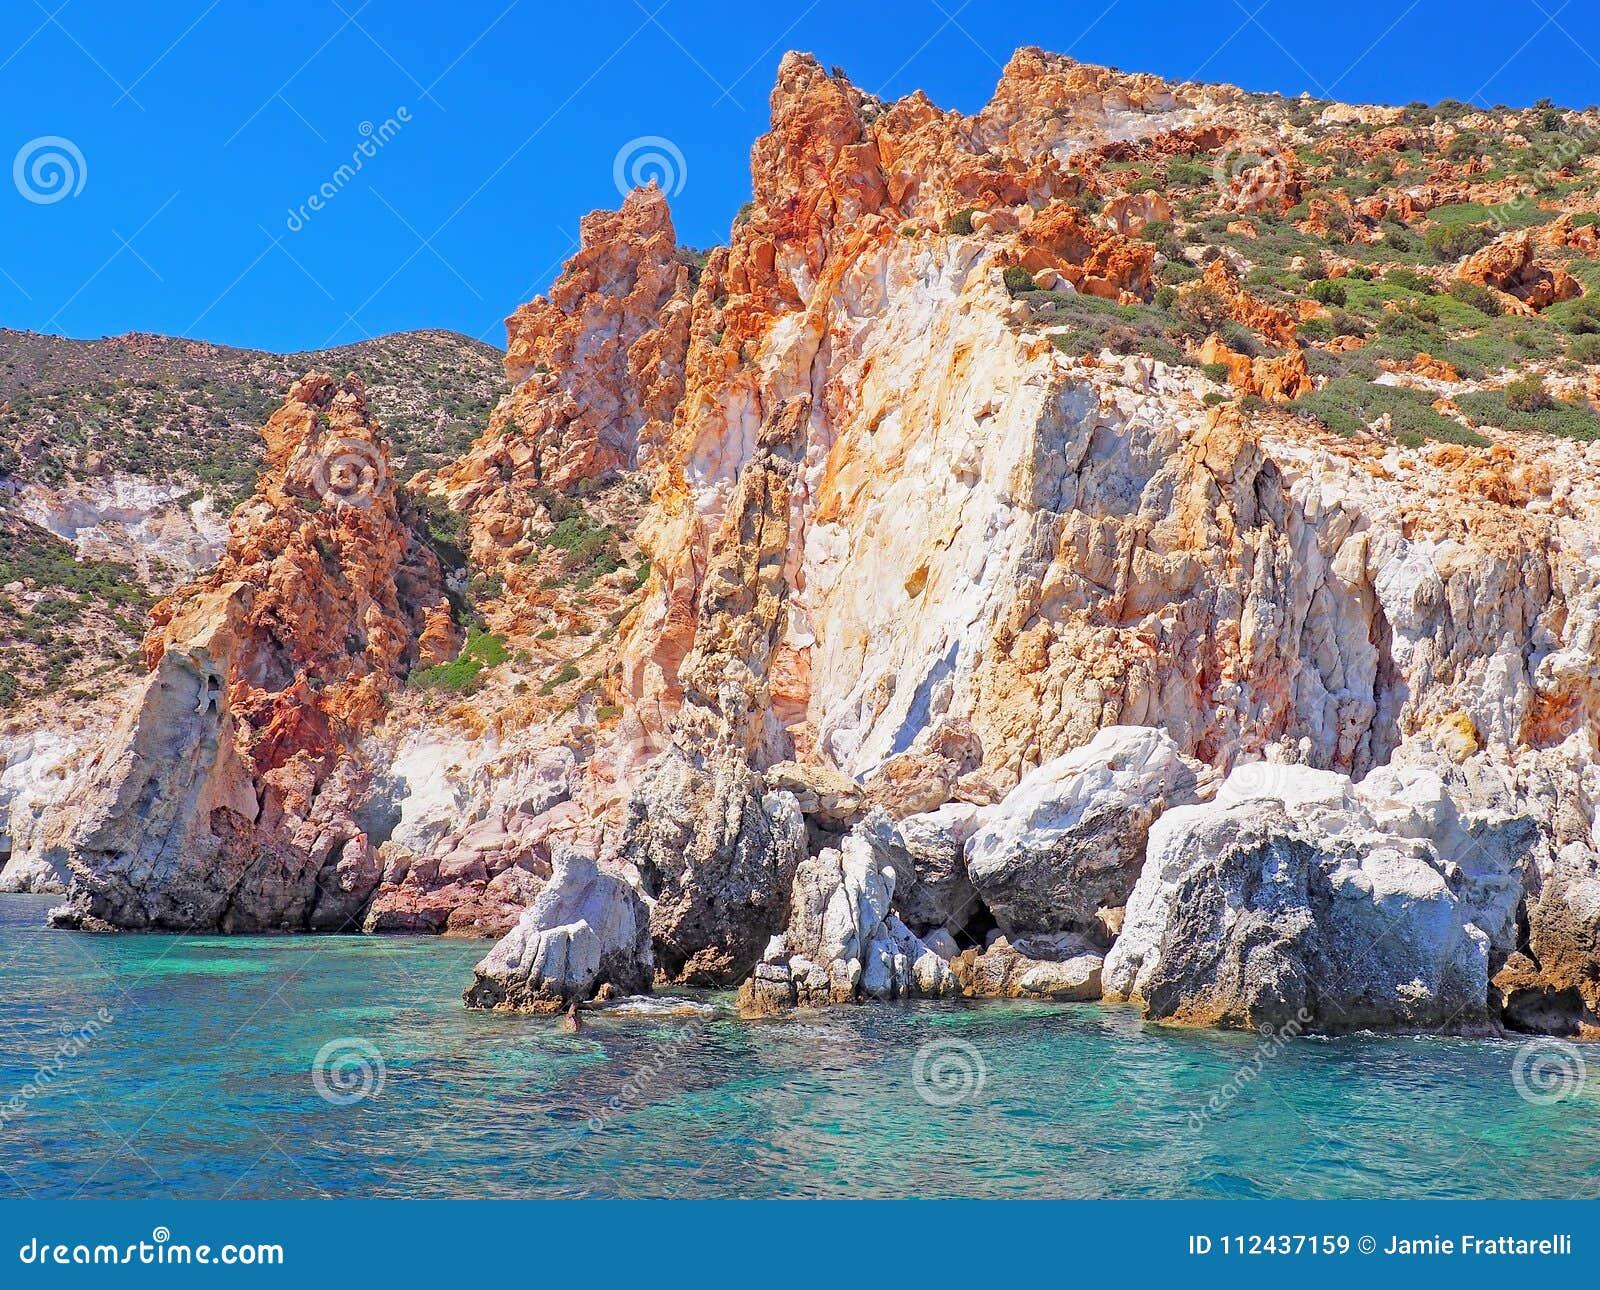 Les formations de falaises et de roche de Polyaigos, une île des Cyclades grecques